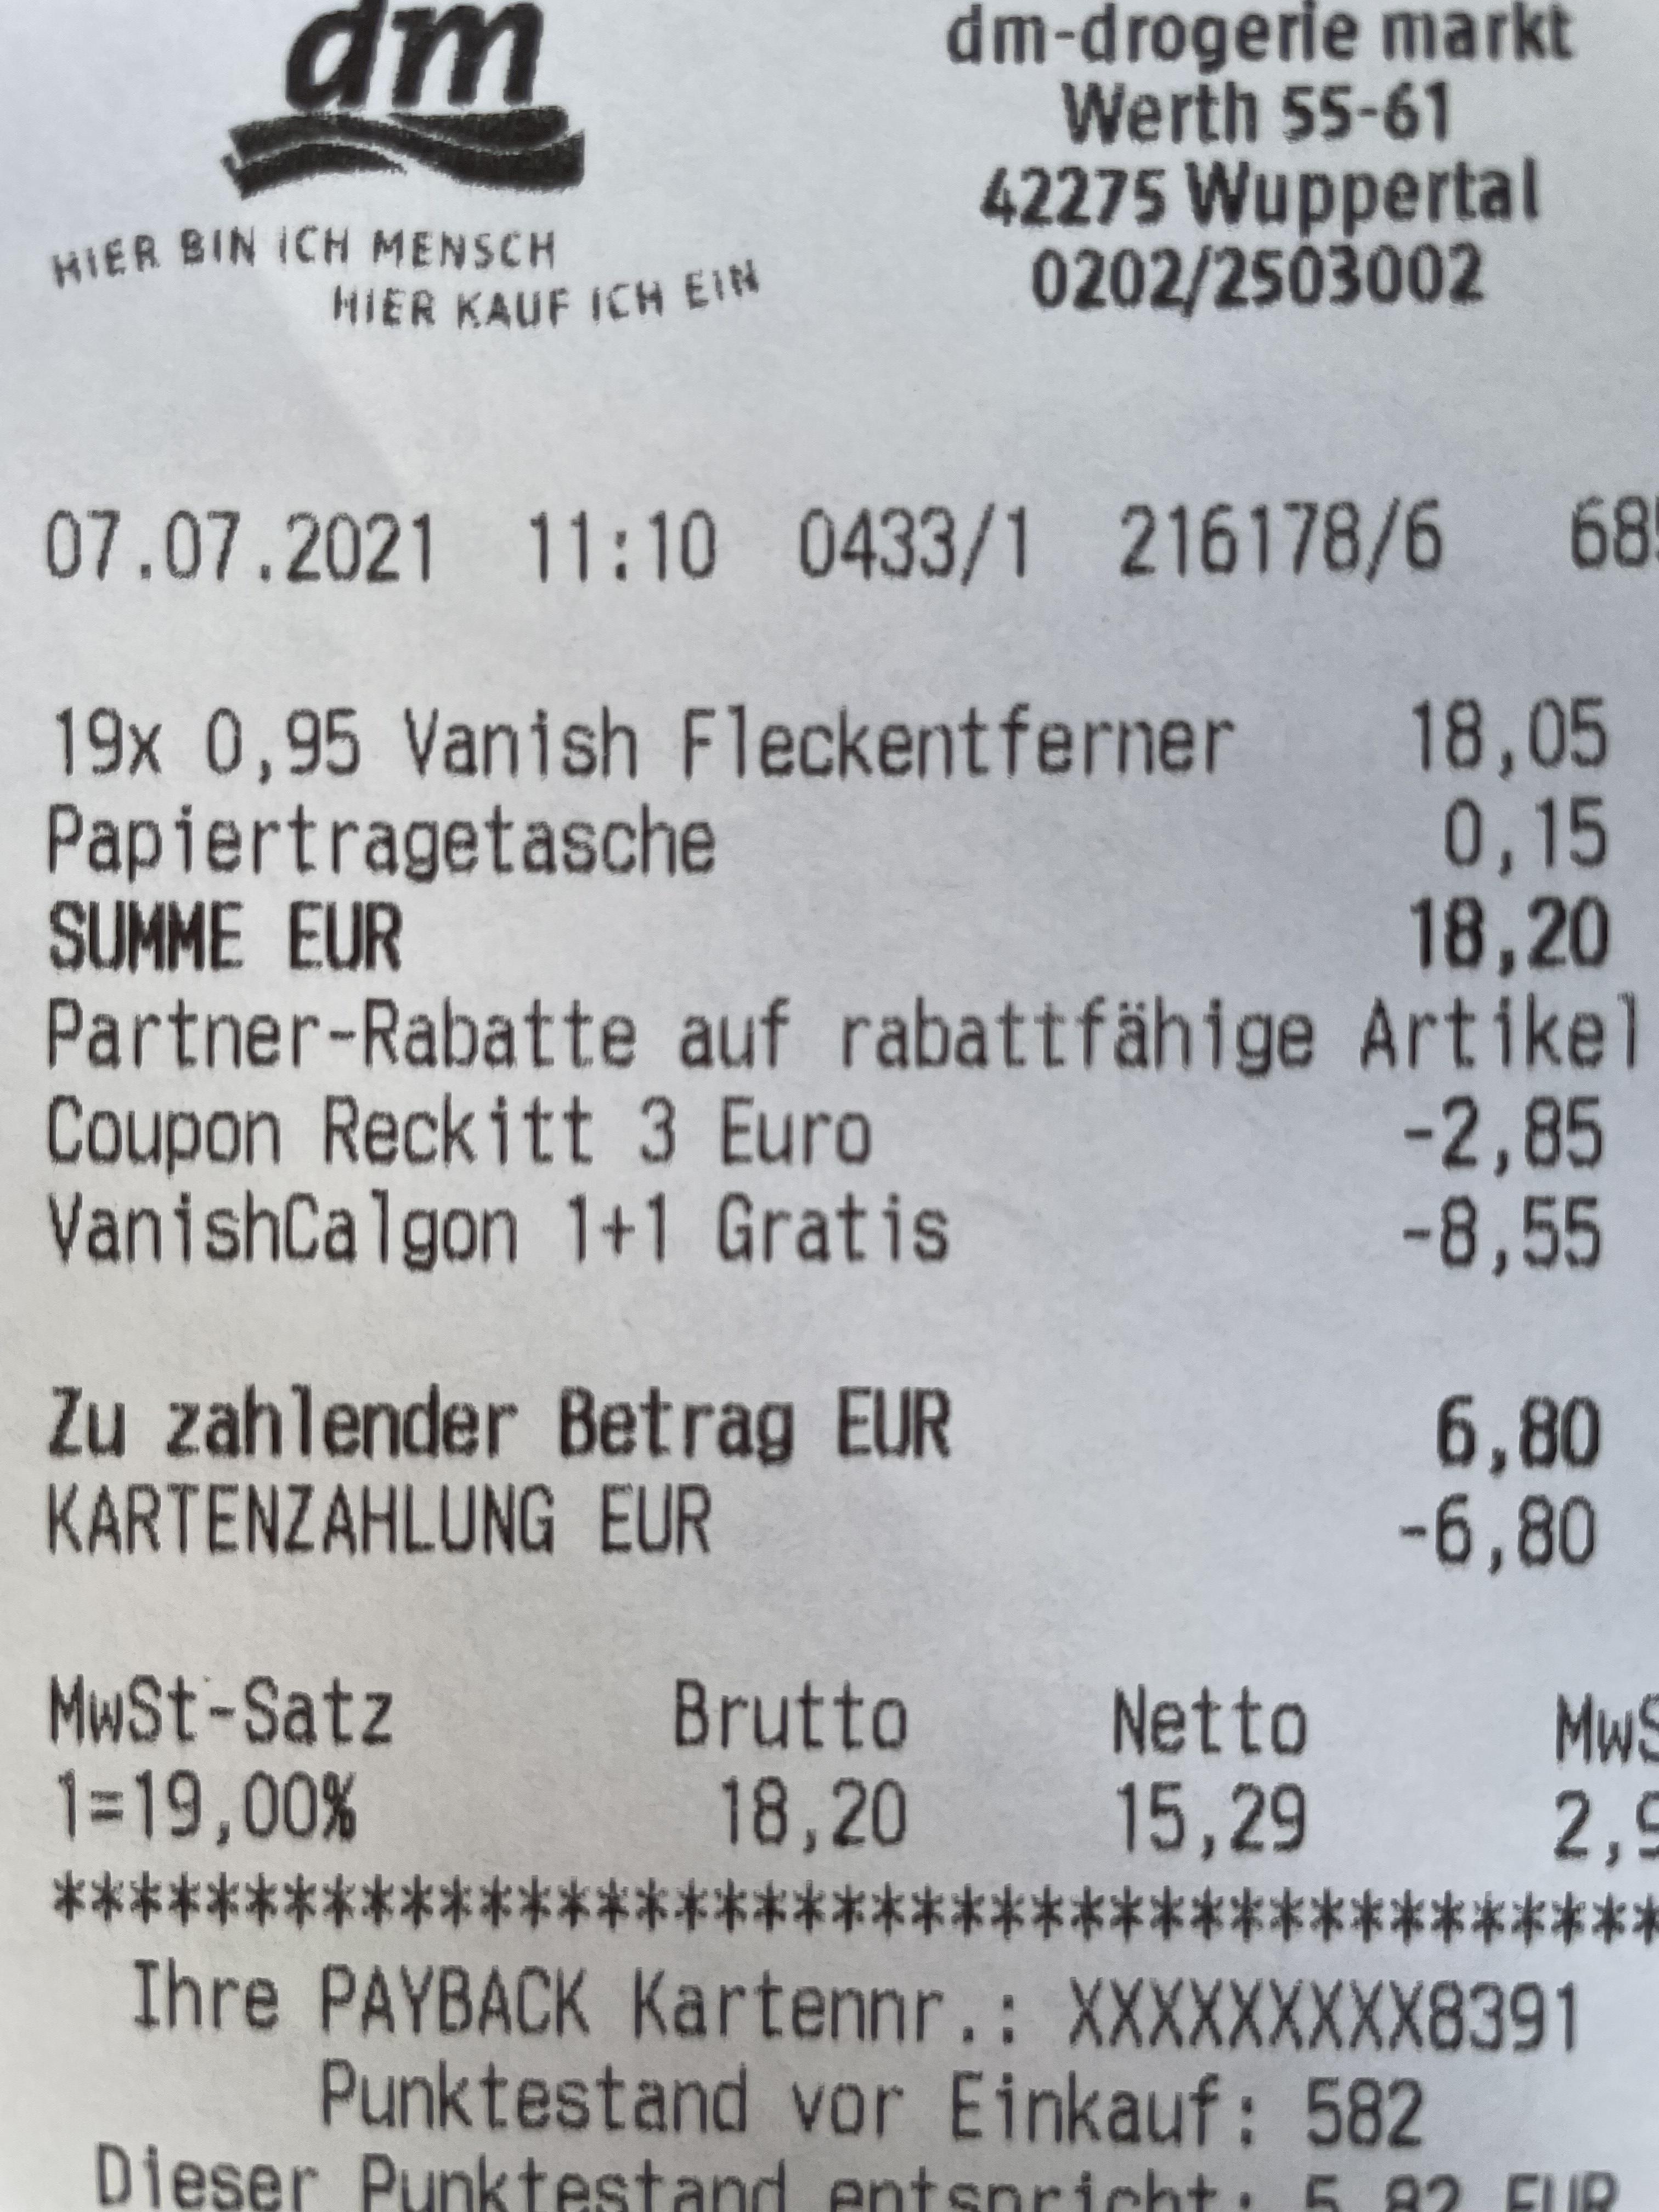 Dm Vanish Fleckentferner 1 kaufen 1 gratis -3€ Coupon -33 Fach Payback Punkte plus 20 Fach auf gesamten Einkauf